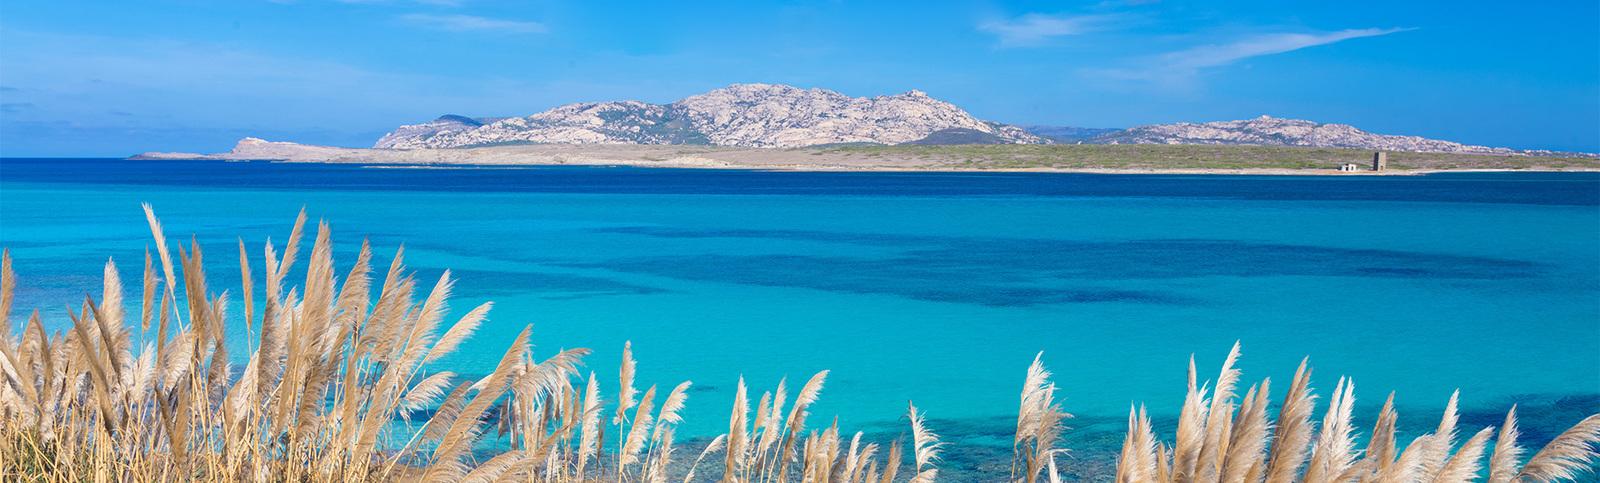 Prenota la tua vacanza in Sardegna con gli amici o la famiglia. Scopri lla selezione di offerte di Vantaggi Travel, prezzi sempre imbattibili.